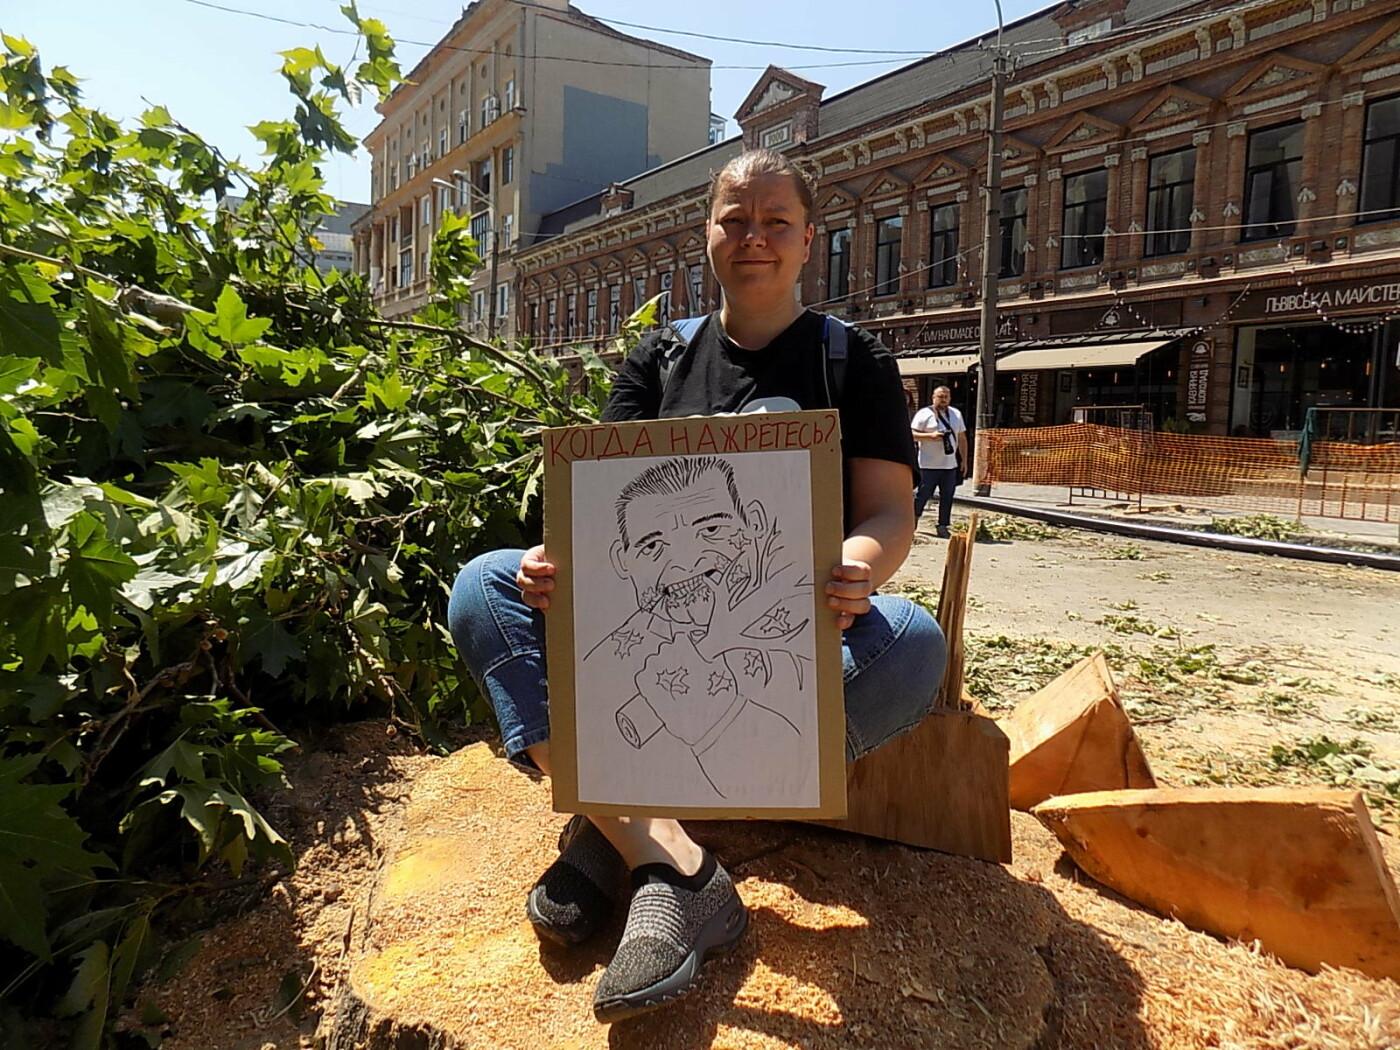 В Днепре провели «похороны» деревьев с Короленко: последние деревья срубили, пока город спал, - ФОТО, фото-7